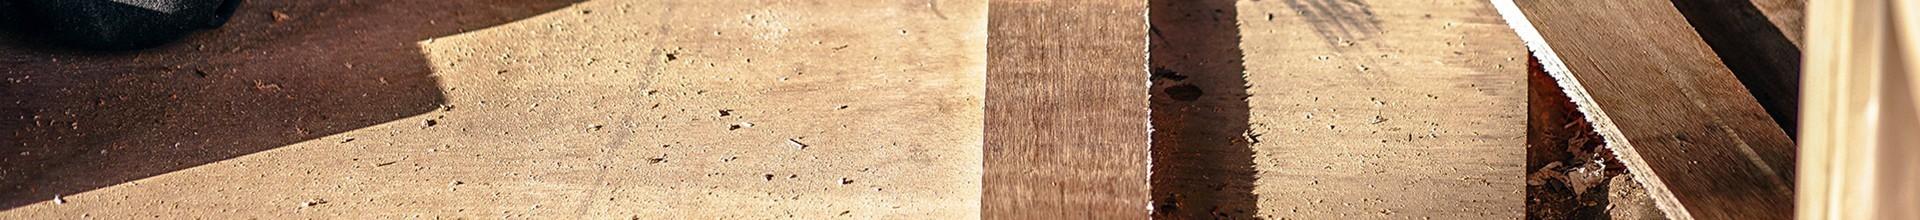 Les joints sont ajustés sur le périmètre des portes. Profil caché